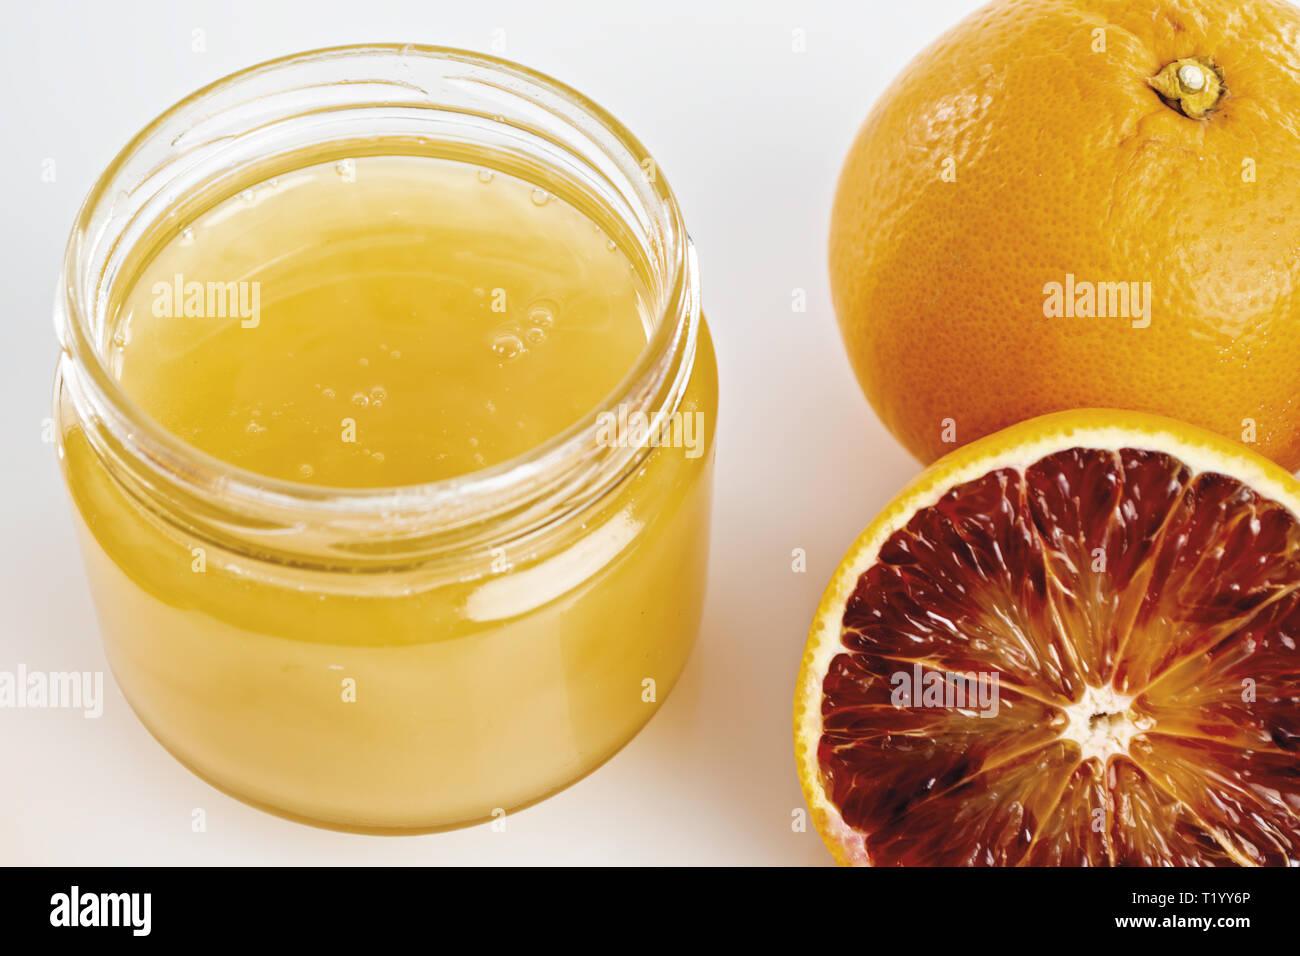 Miele all'arancio in vaso con arance tagliate da sopra. primo piano Immagini Stock